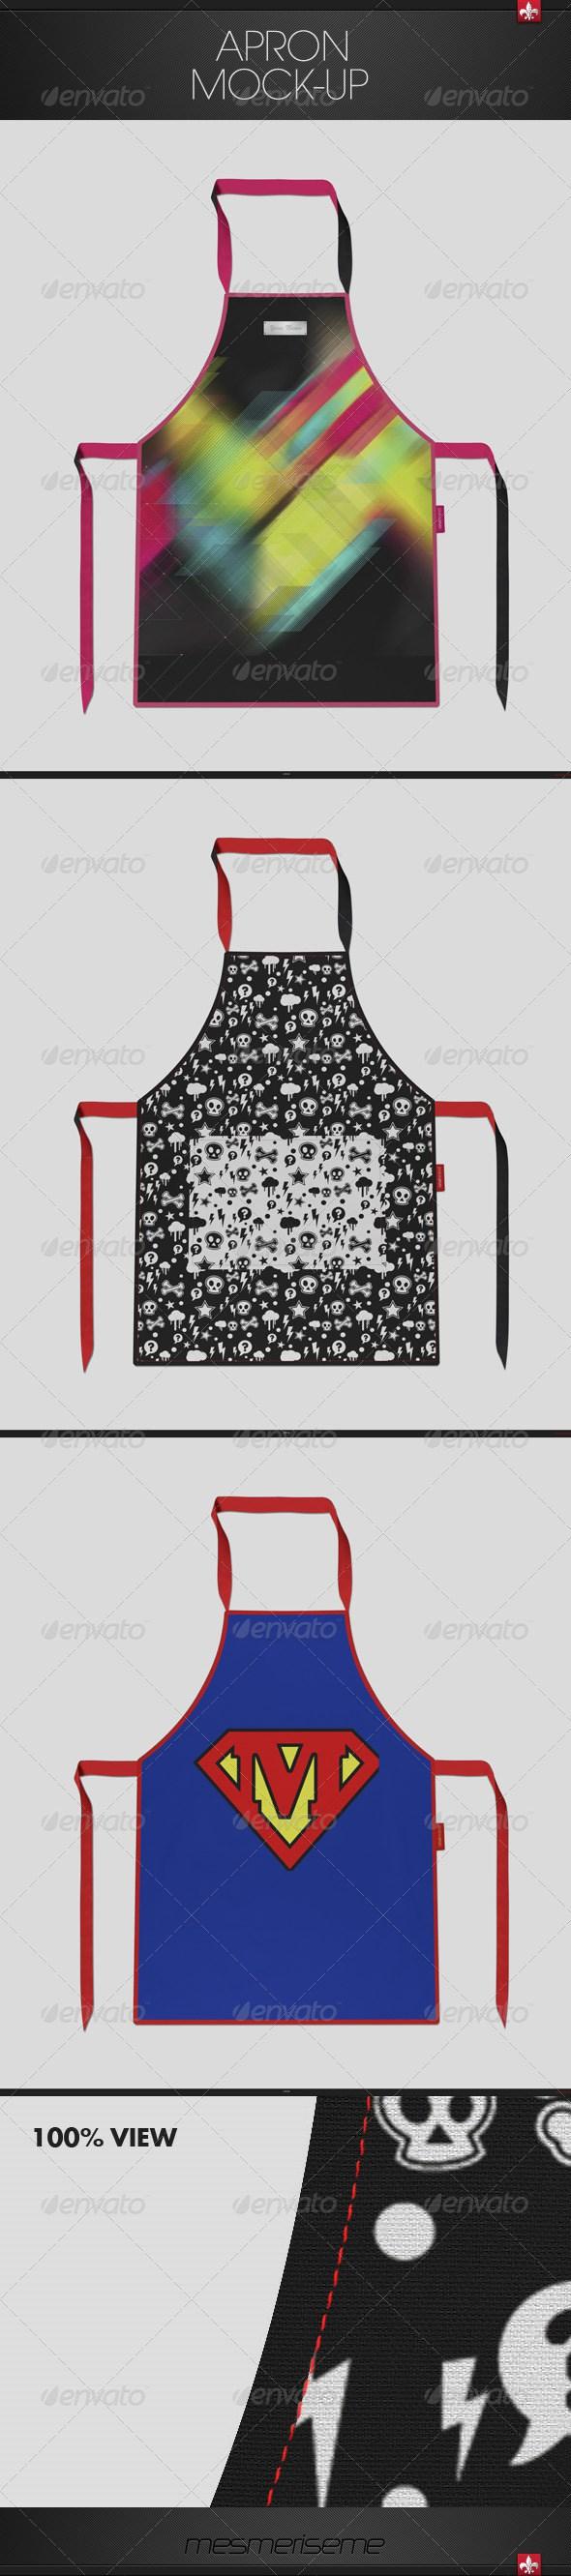 White apron mockup free - Apron Mock Up